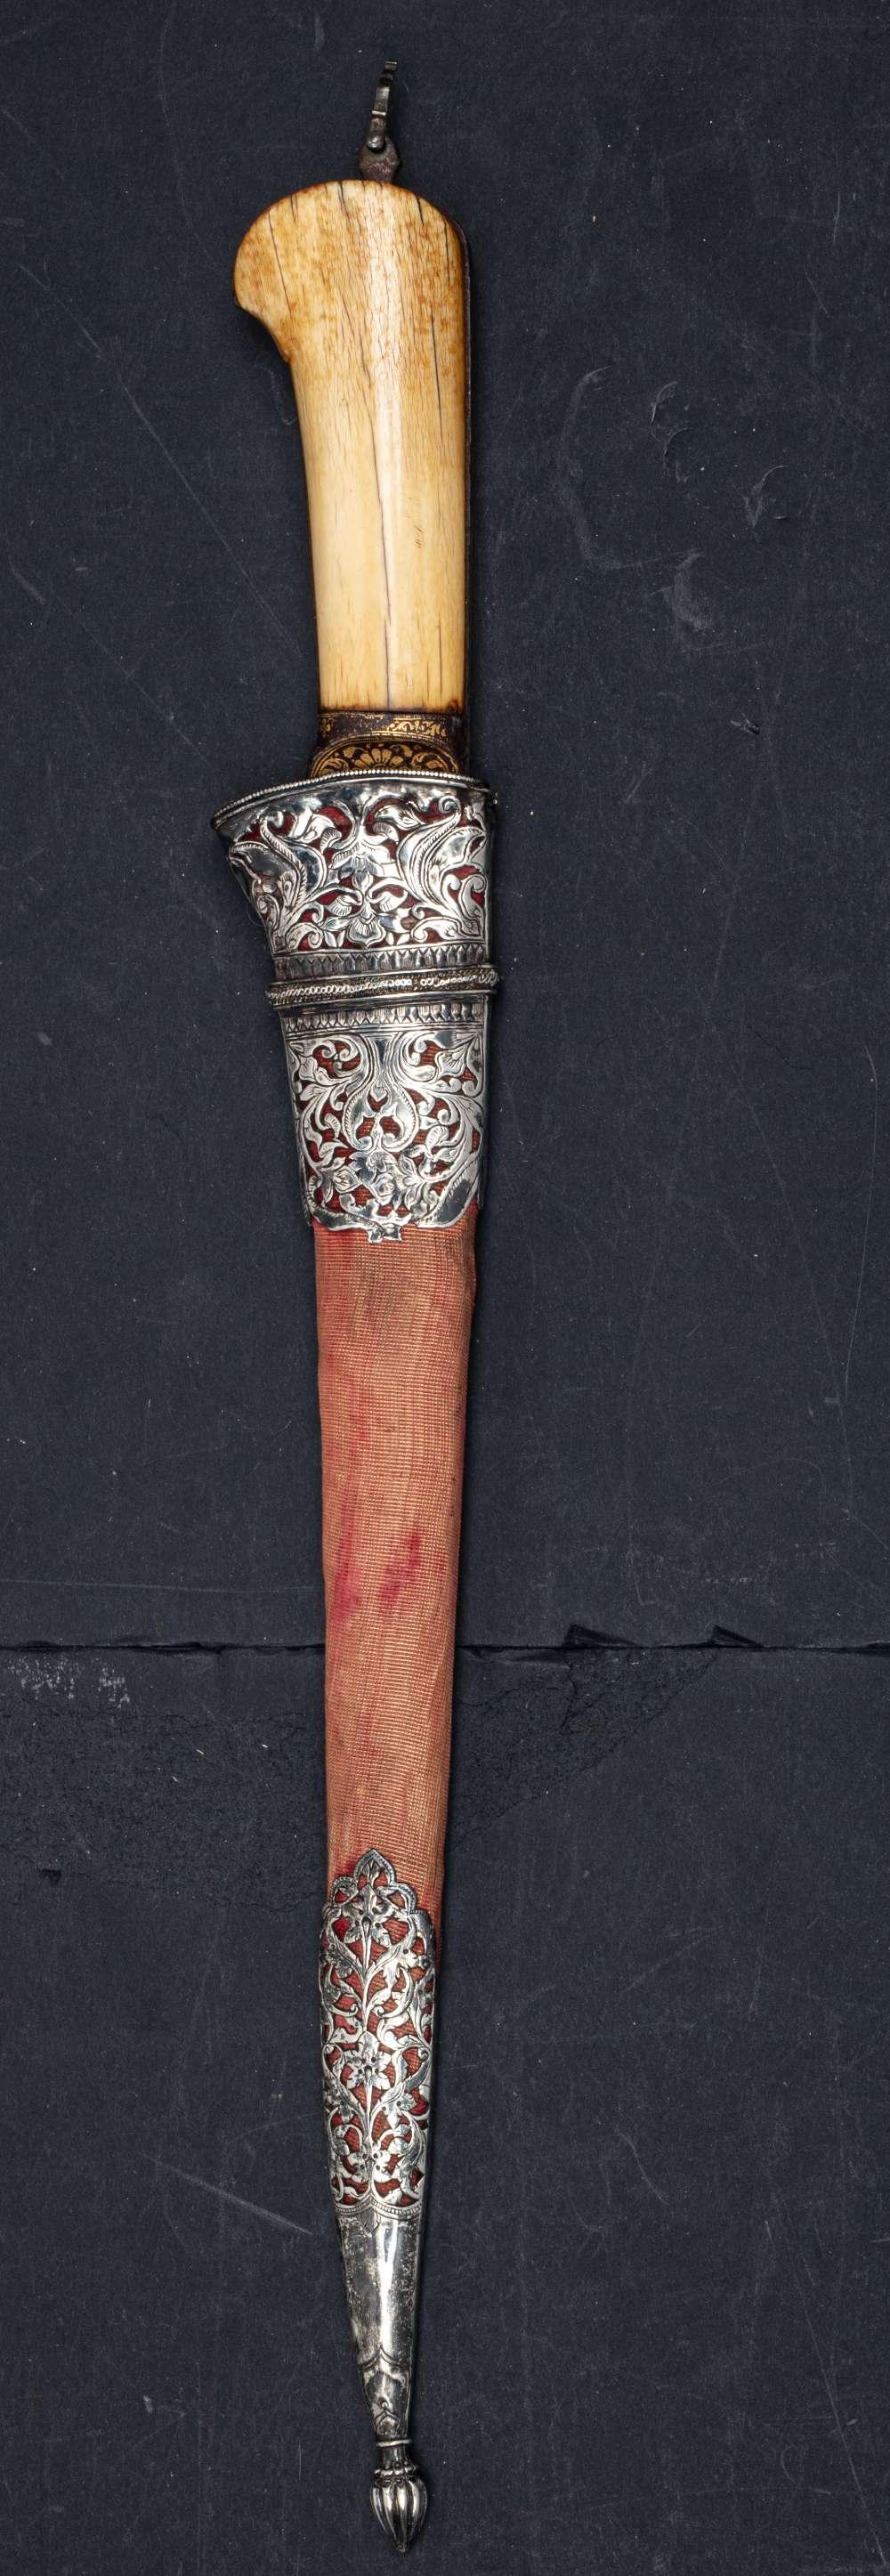 Peshkabz mogholInde, XVIIIe siècleA poignée en ivoire, garde, soie et dos de la lame incrustés d' - Image 4 of 4